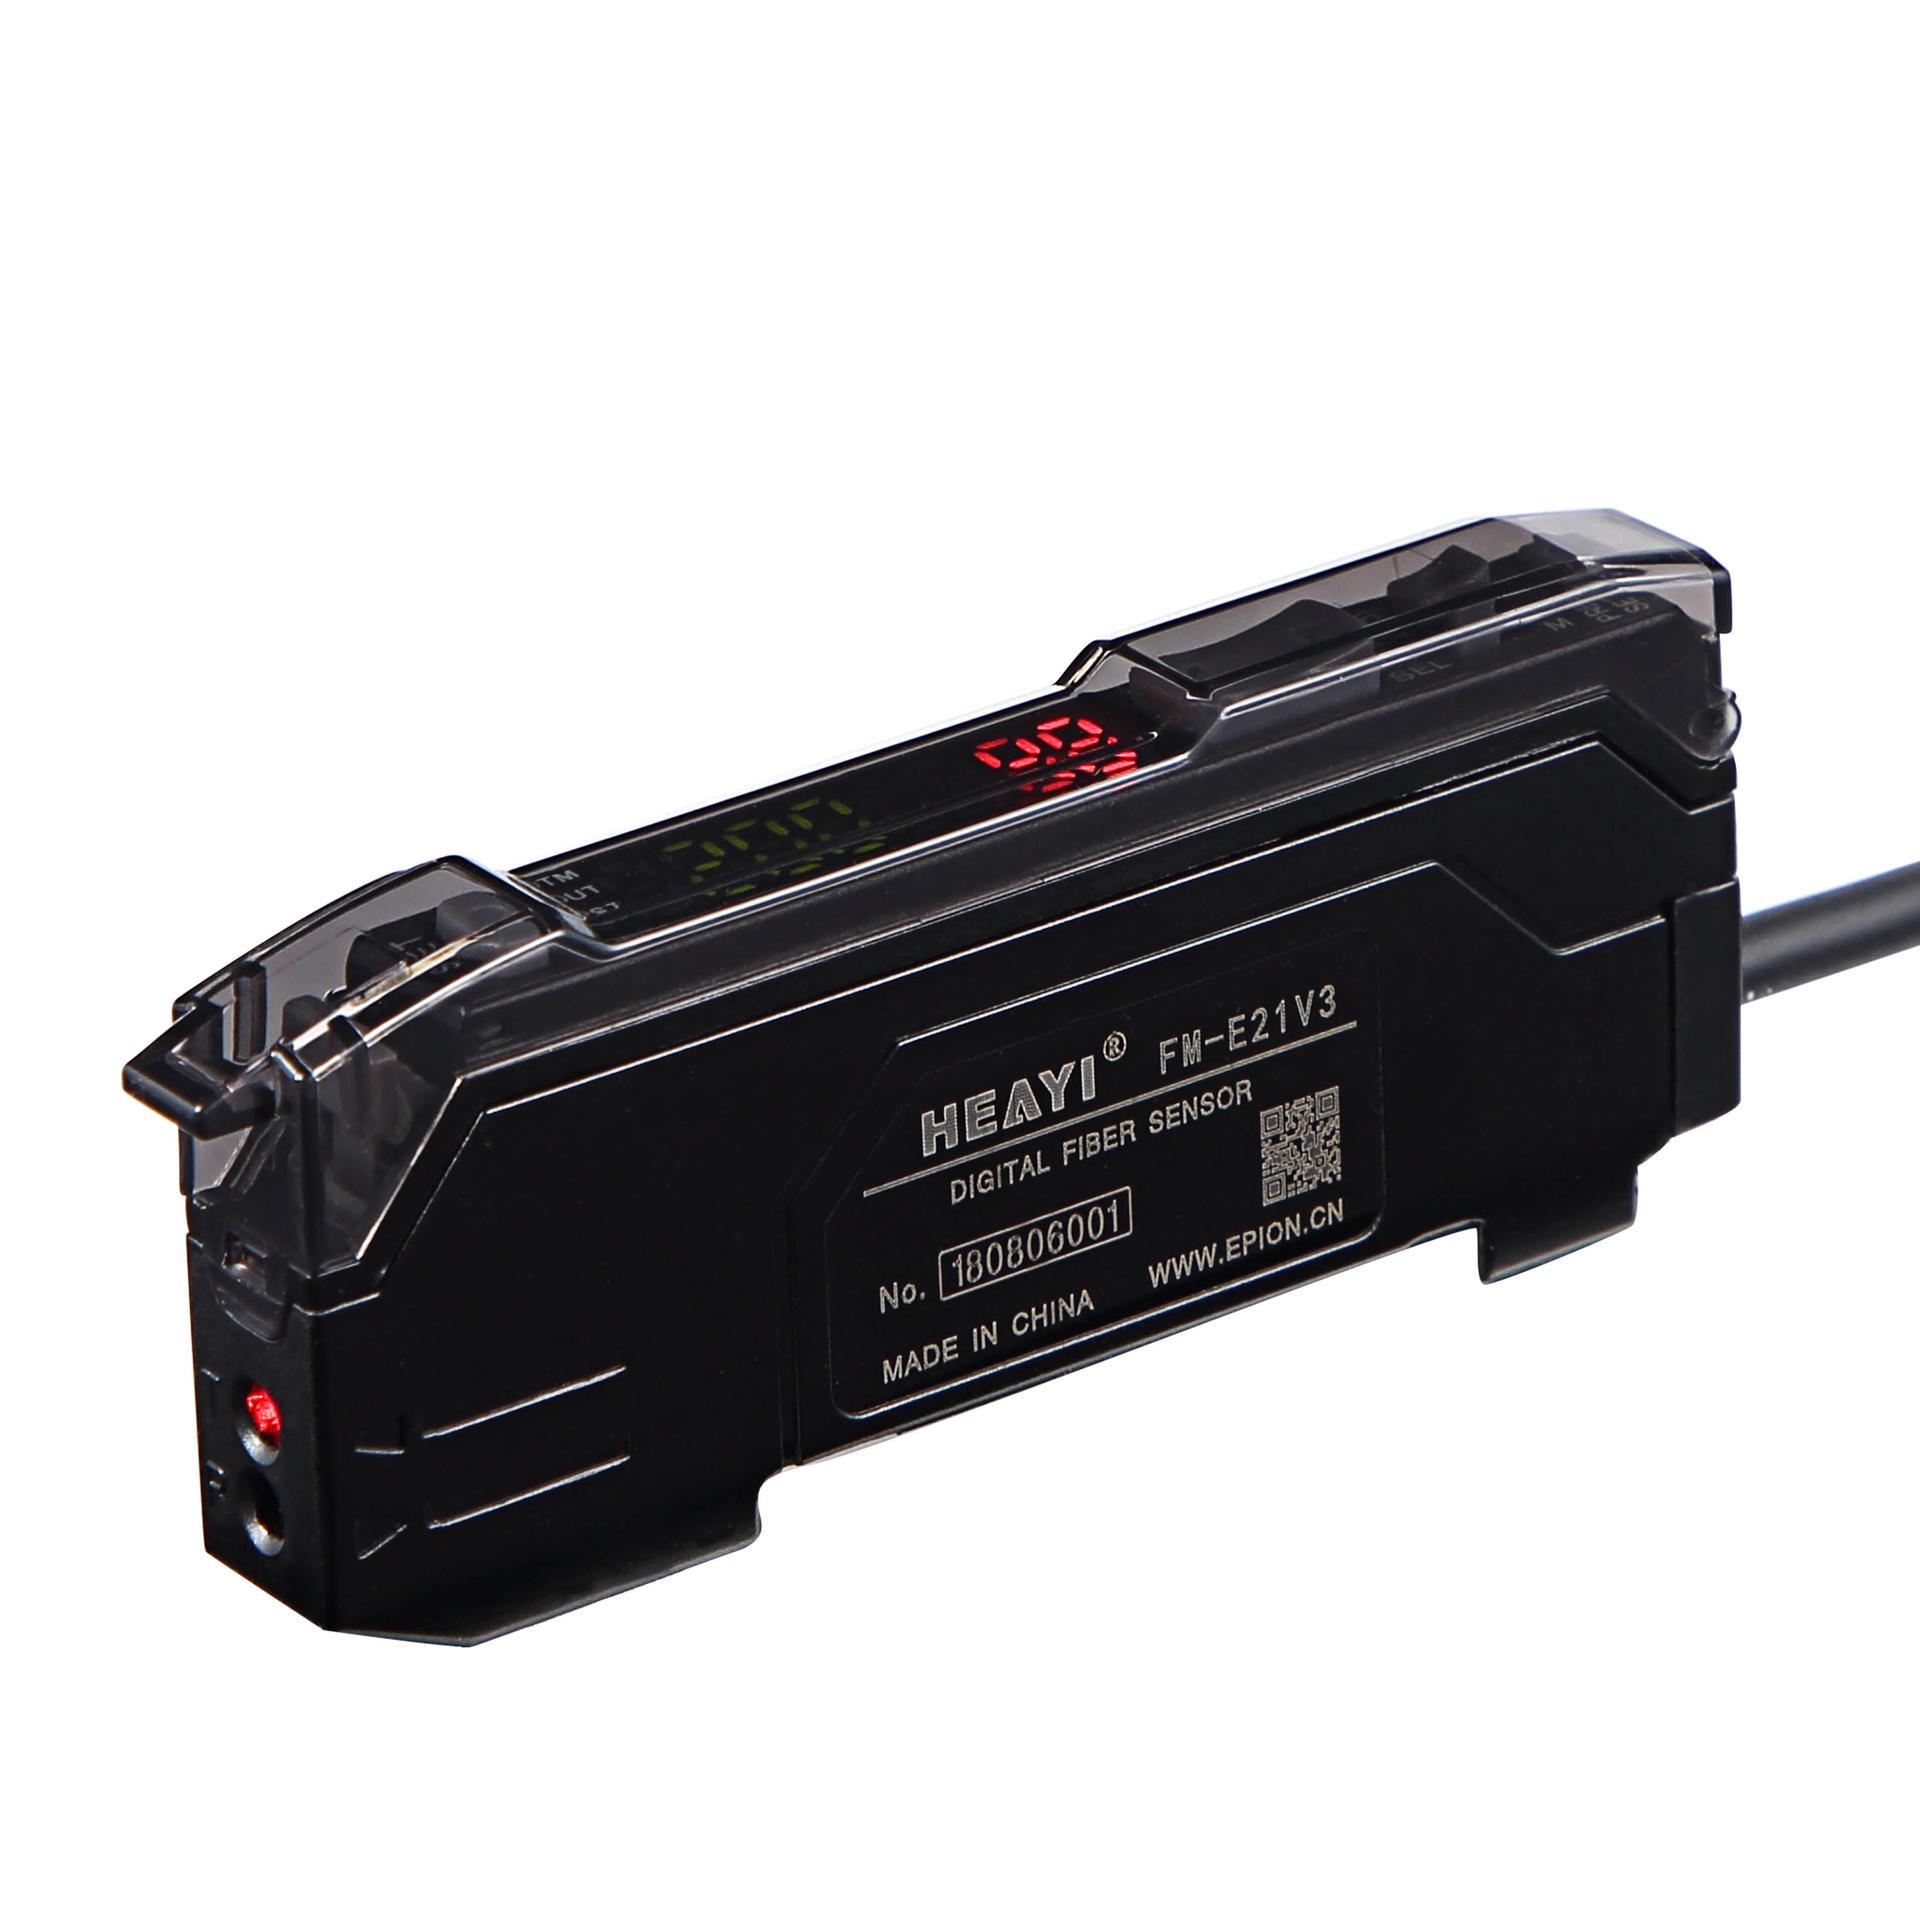 High Precision Digital Fiber optical sensor FM-E21V3